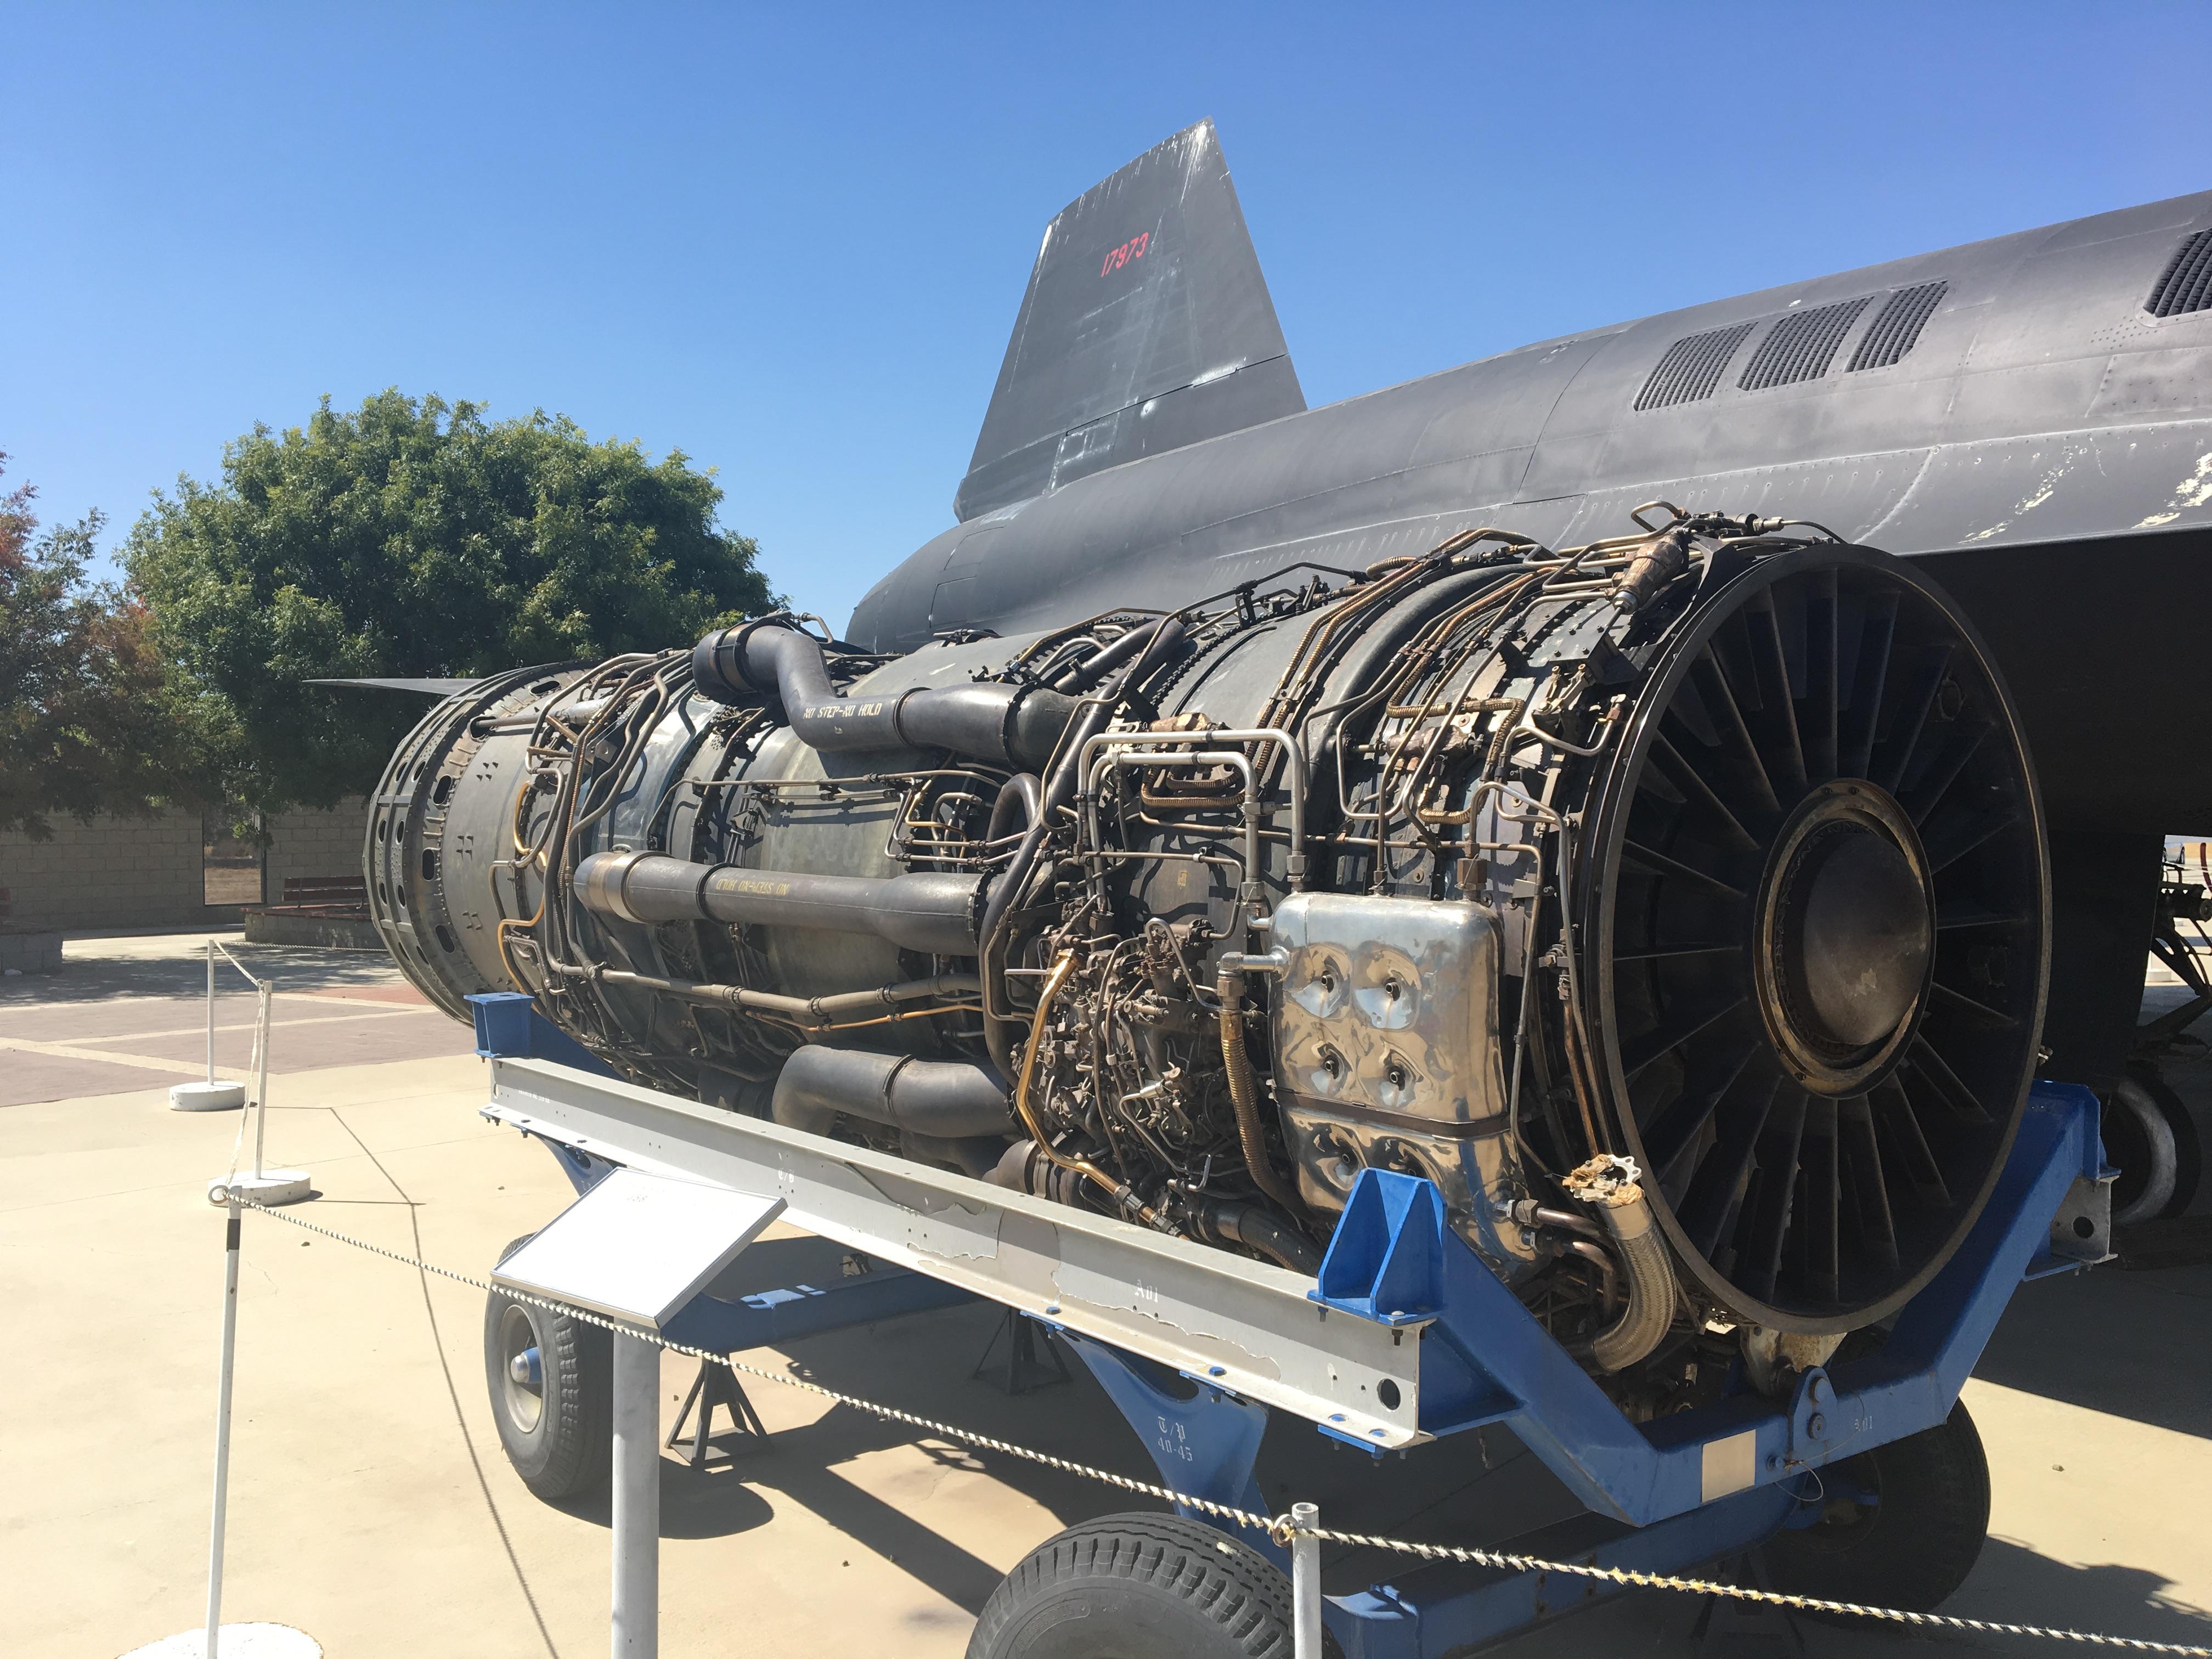 Silnik Pratt & Whitney J58 (używany zarówno w A-12 jak i SR-71)